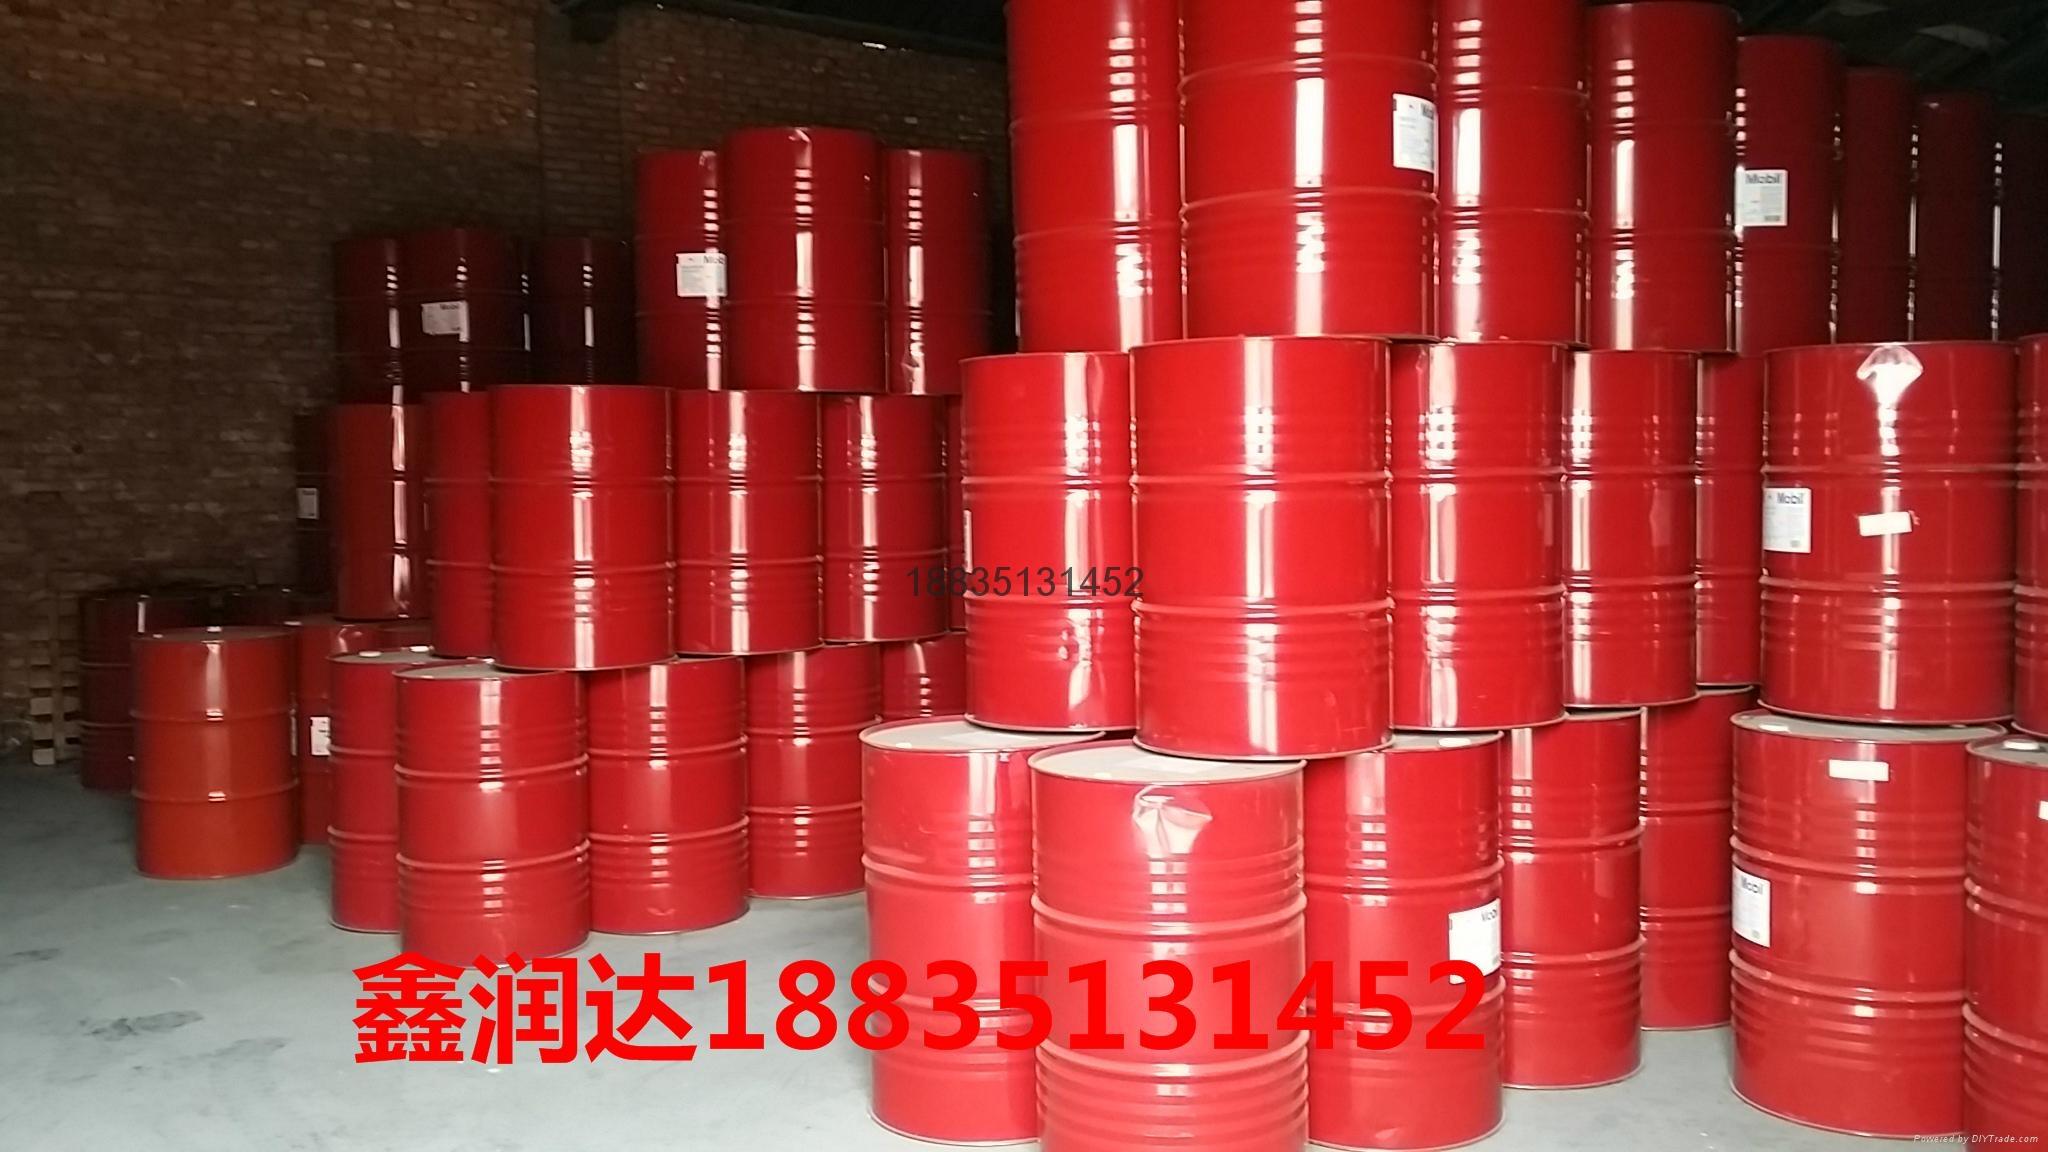 山西美孚潤滑齒輪油ISOVG320600XP320,220 460代理 1